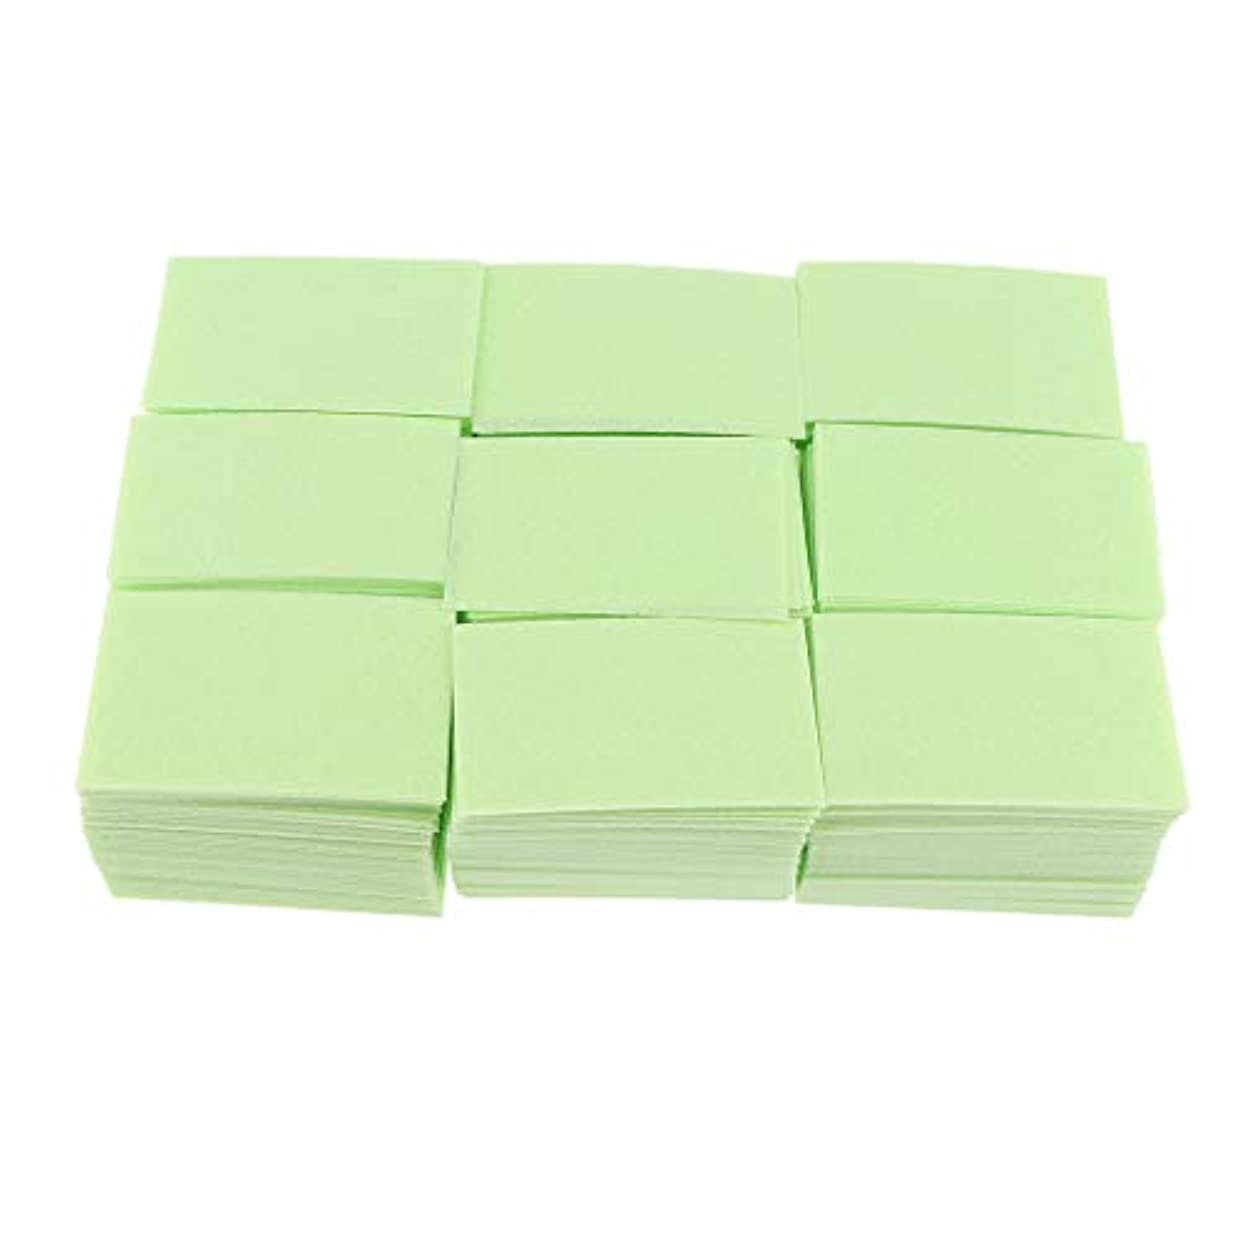 驚いたことにくさび予備約700枚 ネイルポリッシュリムーバー 綿パッド 2色選べ - 緑